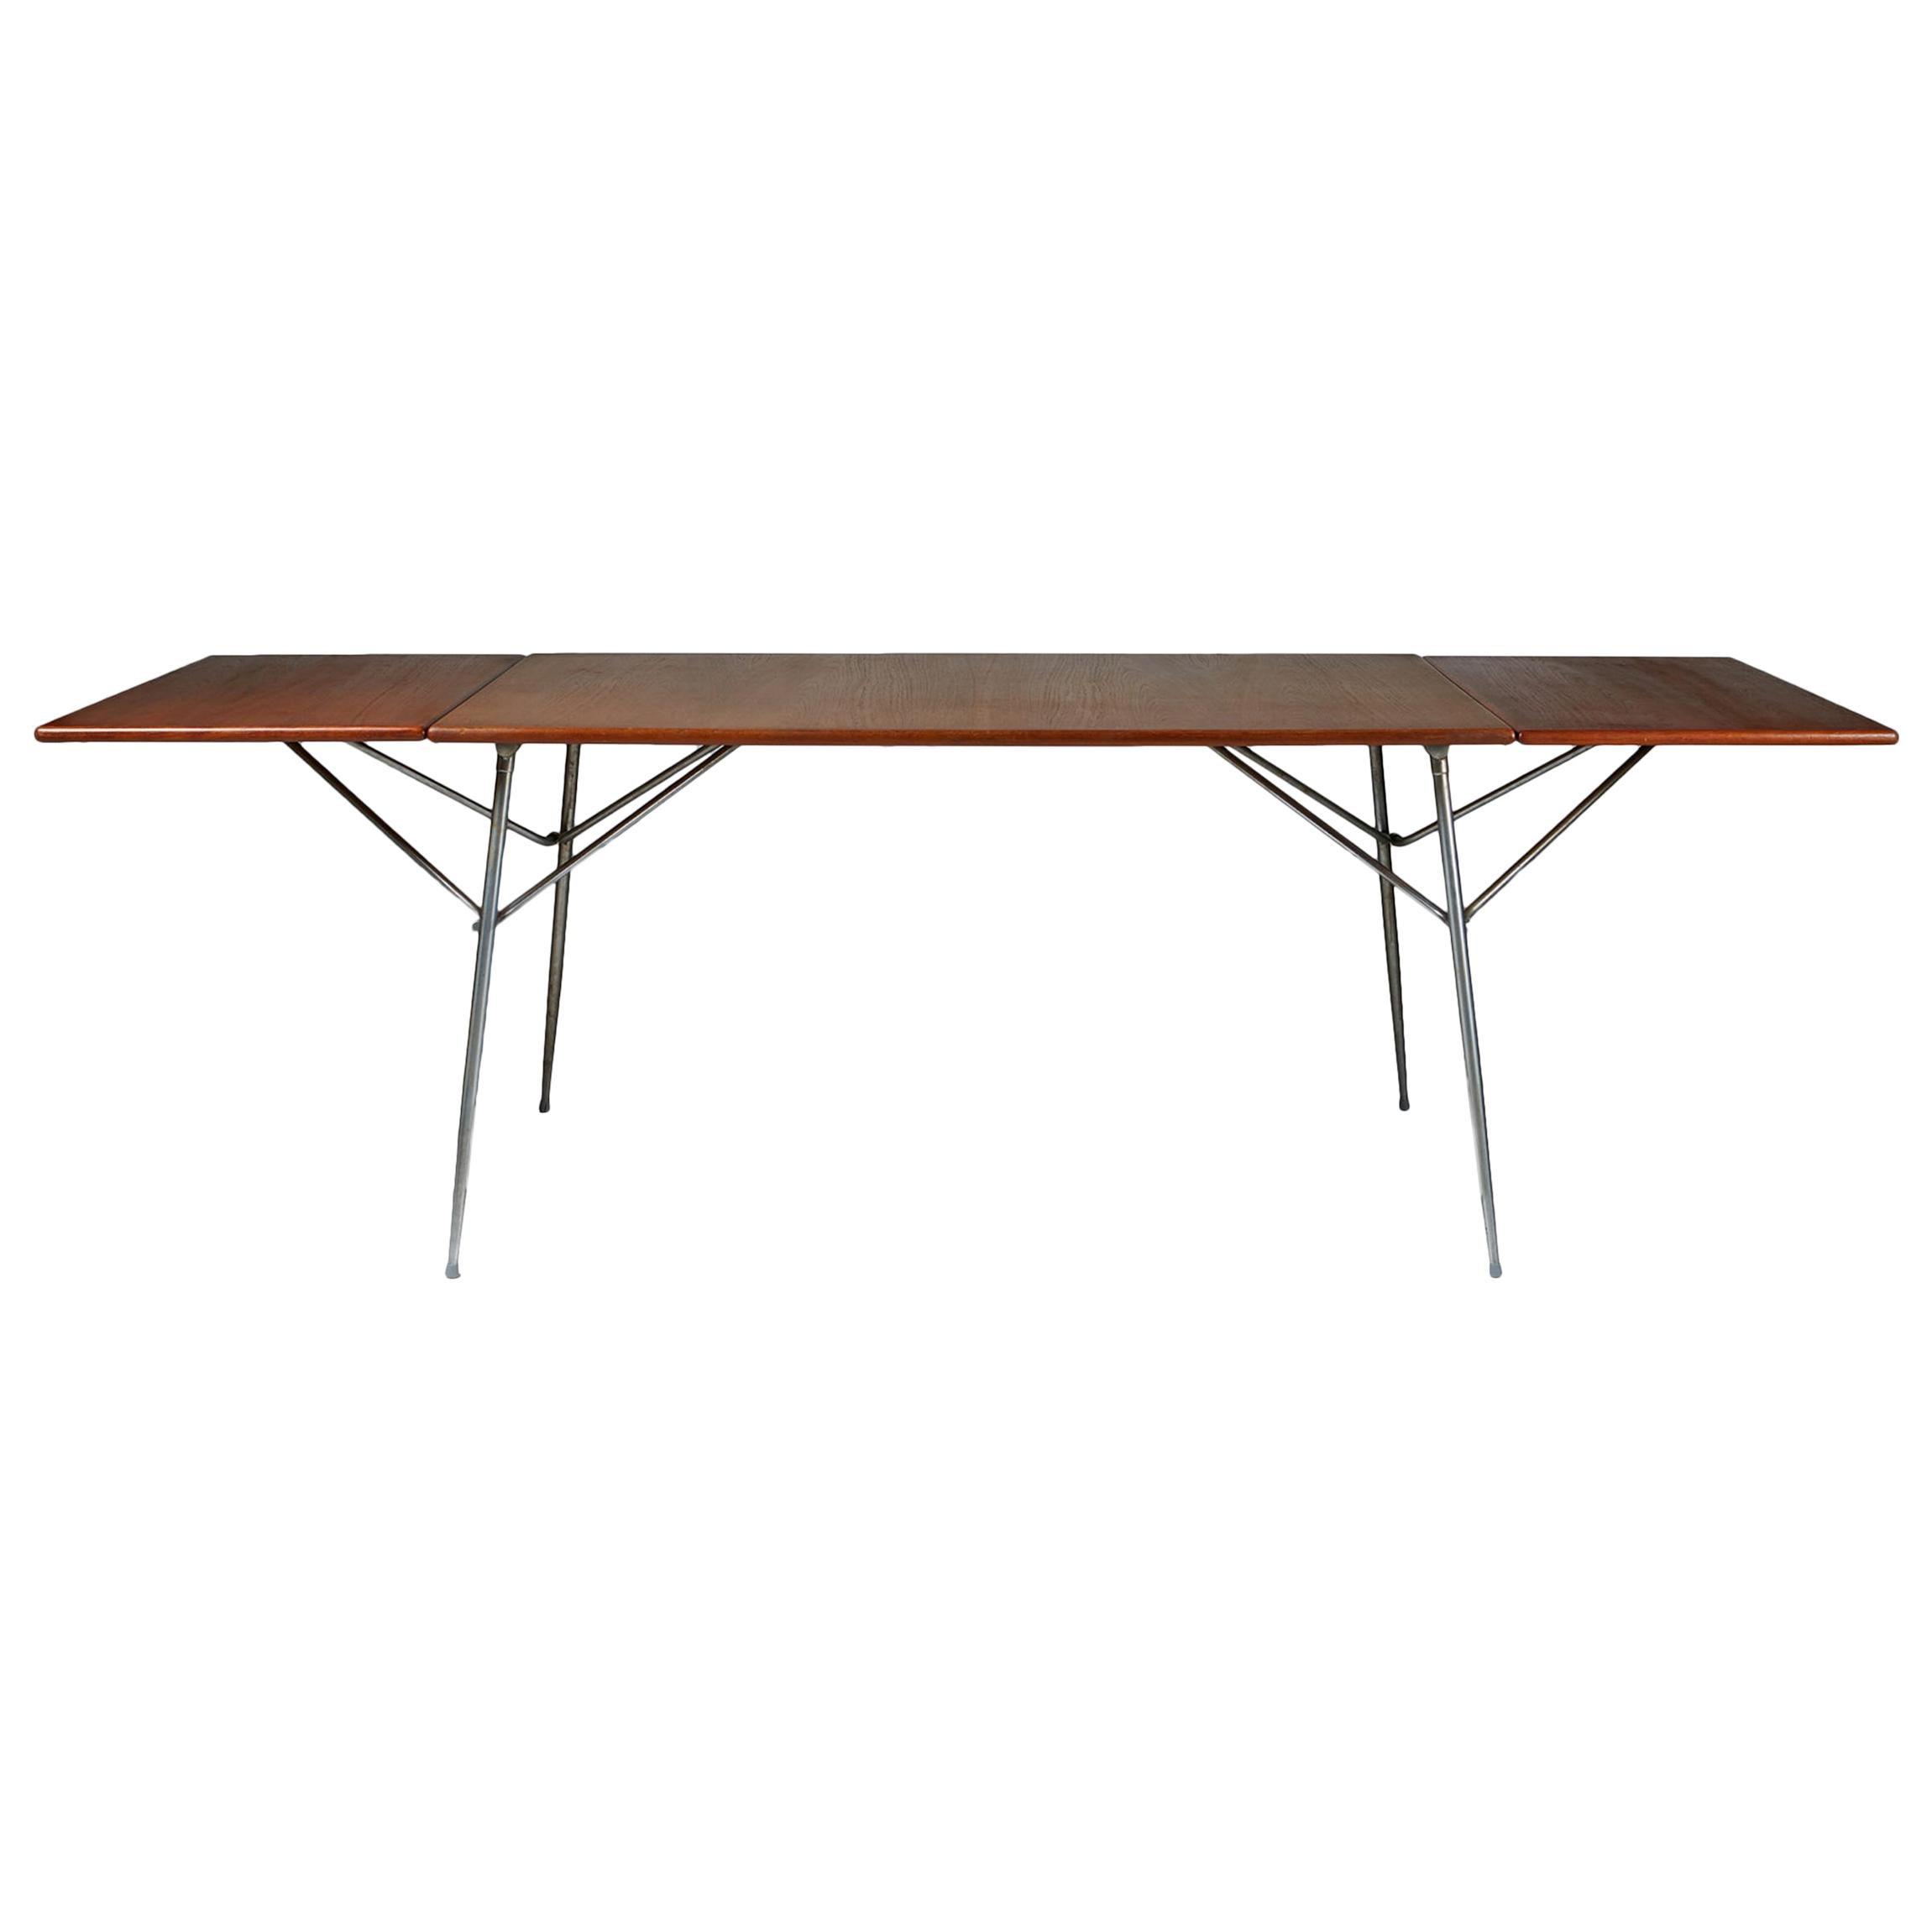 Drop-Leaf Desk or Dining Table by Børge Mogensen, Danish, 1950s